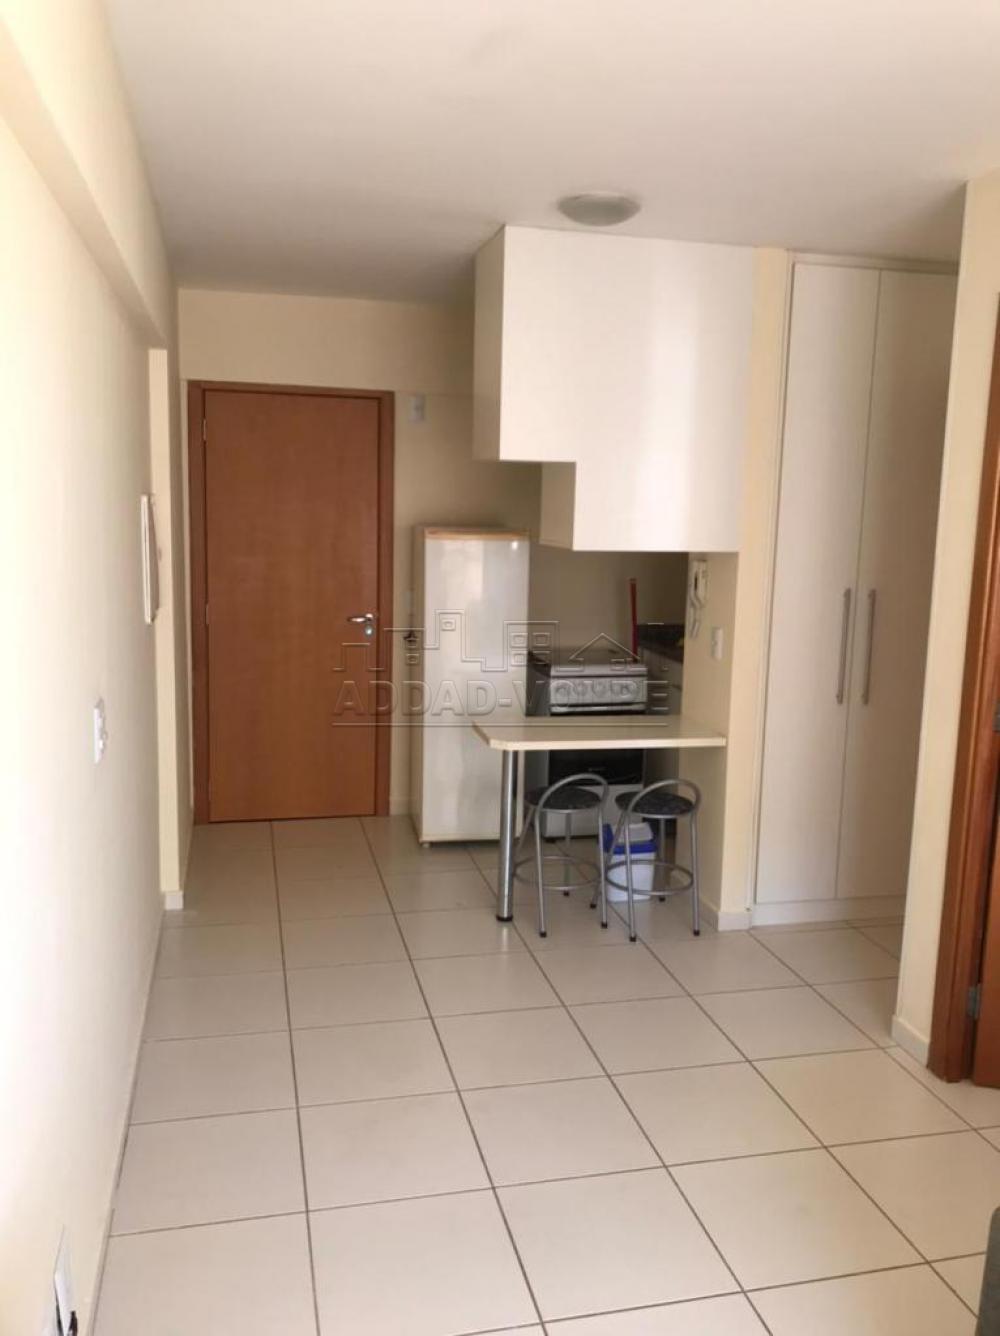 Alugar Apartamento / Padrão em Bauru R$ 900,00 - Foto 2